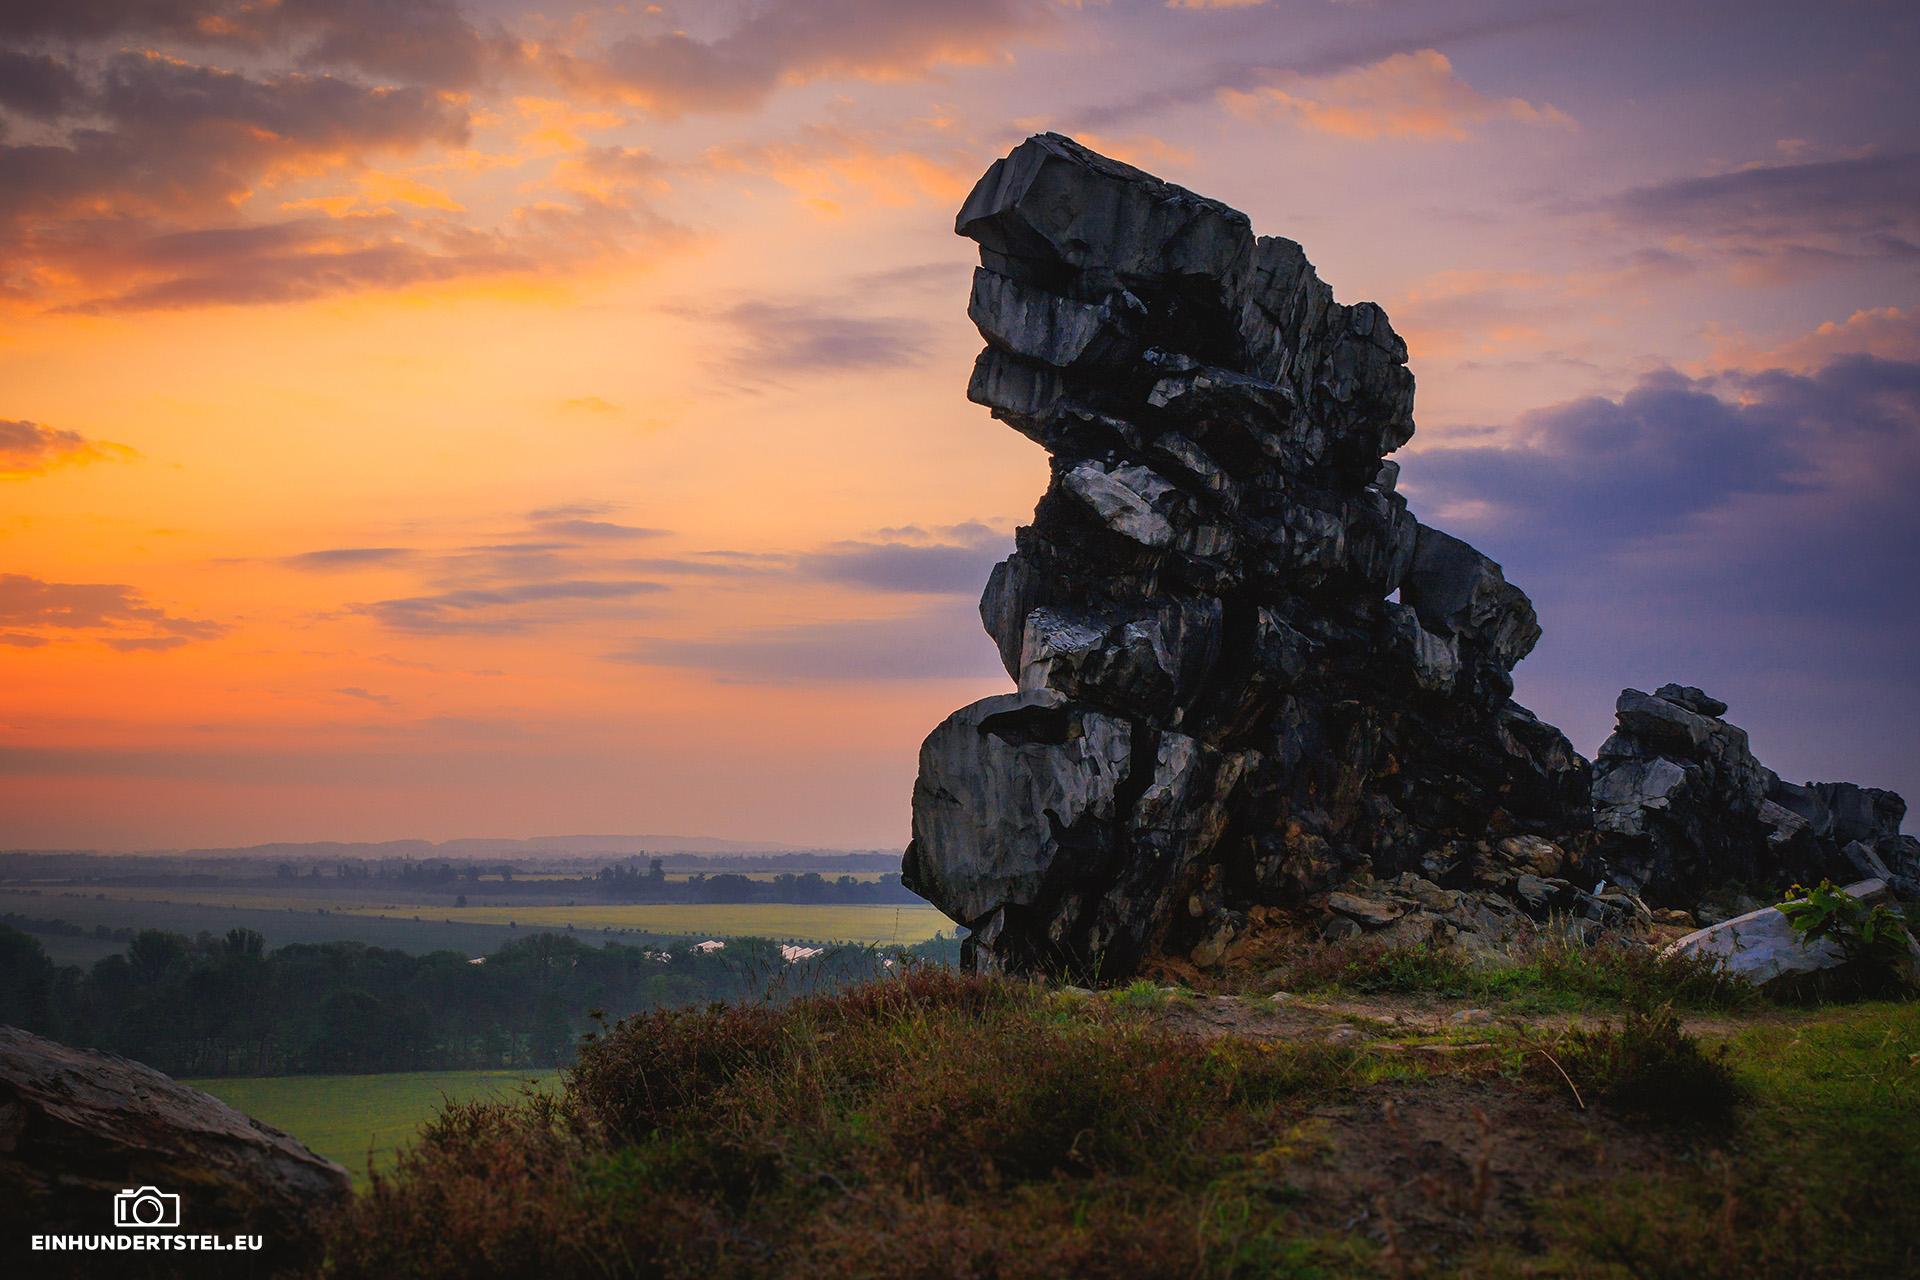 Hoher Felsen der Teufelsmauer. Links der Sonnenaufgang in kräftigem orange erahnbar. Im Vordergrund Wiese.